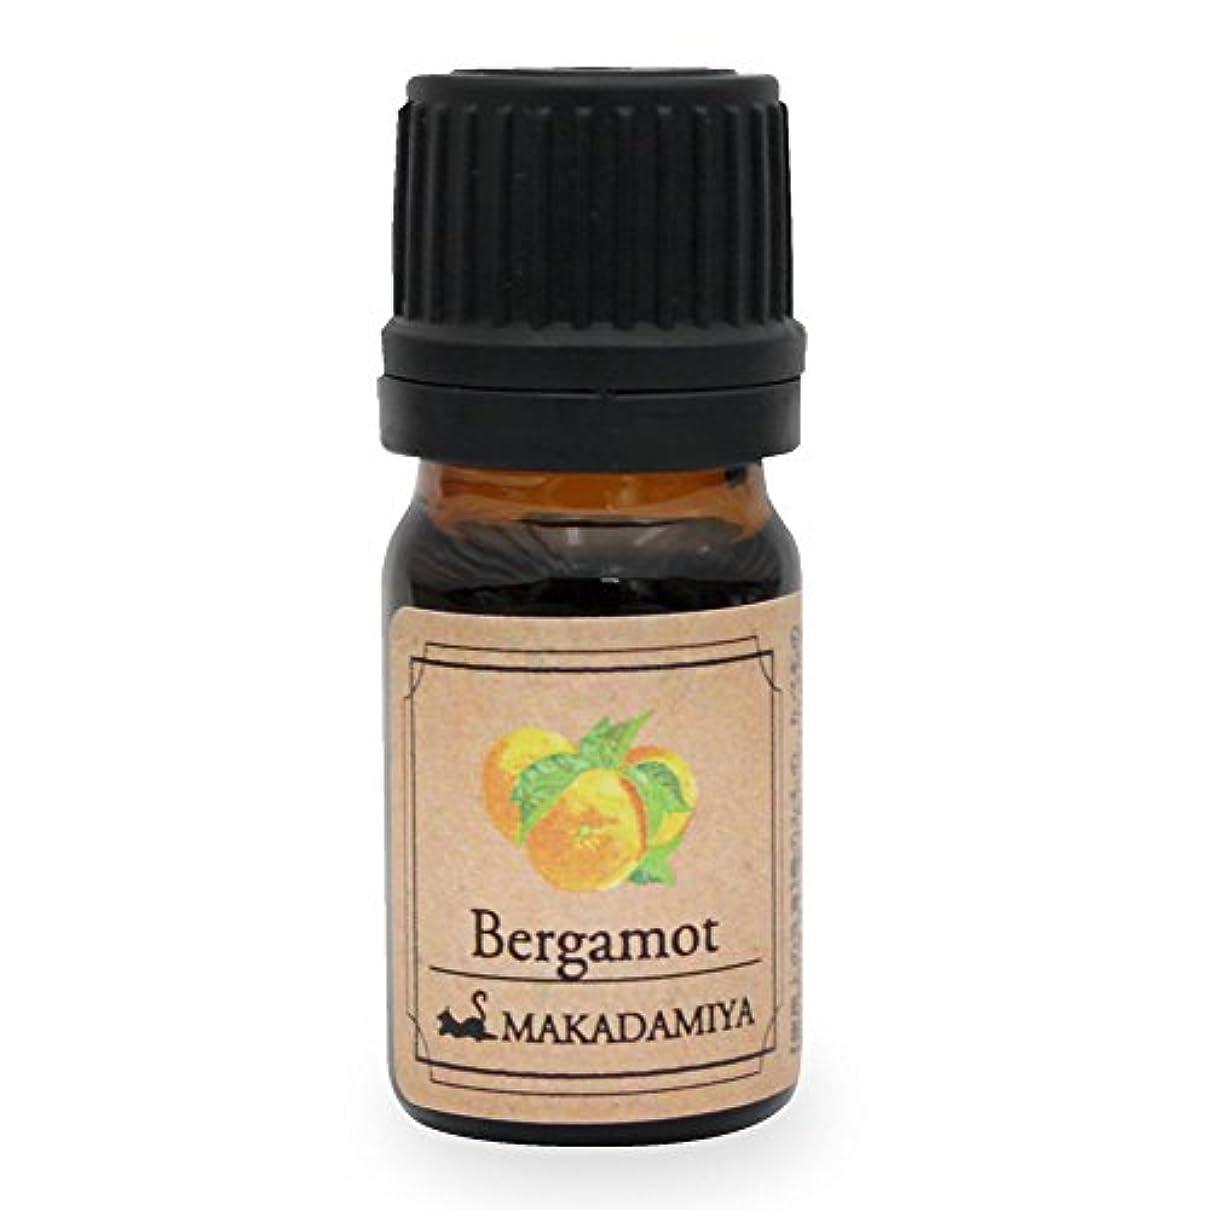 縮約位置づけるメンタリティベルガモット5ml 天然100%植物性 エッセンシャルオイル(精油) アロマオイル アロママッサージ aroma Bergamot